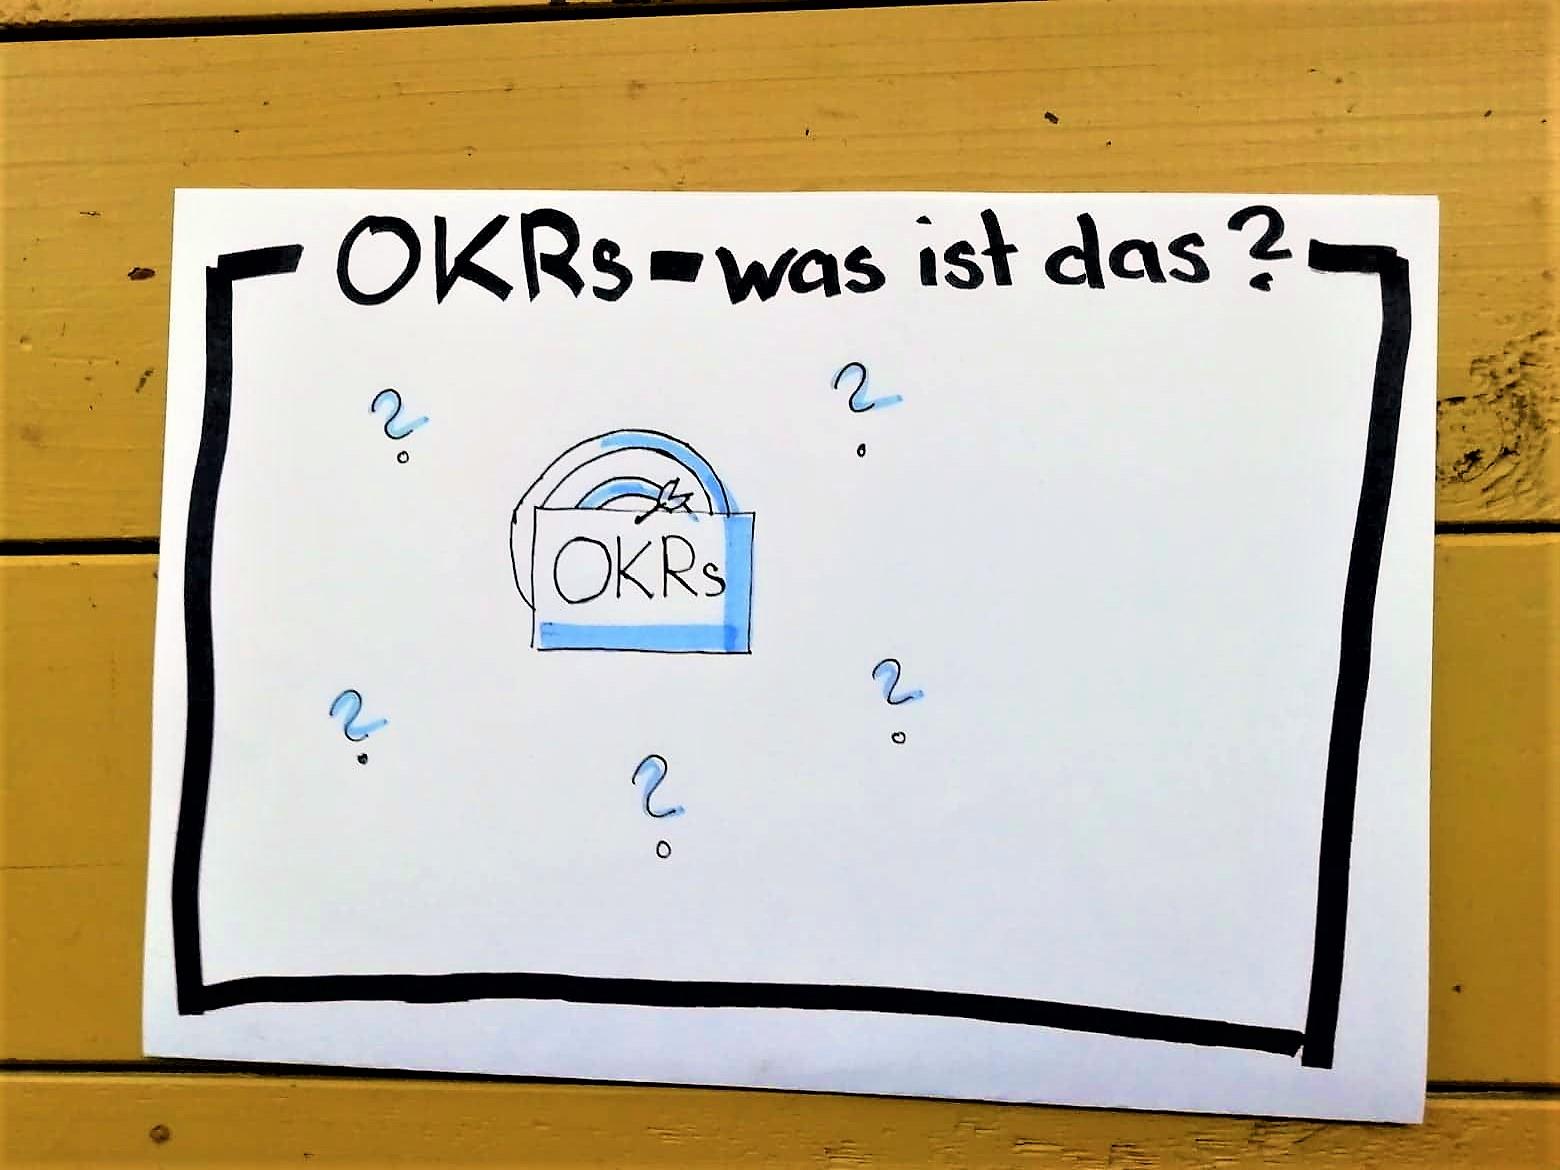 OKRs was ist das.jpg